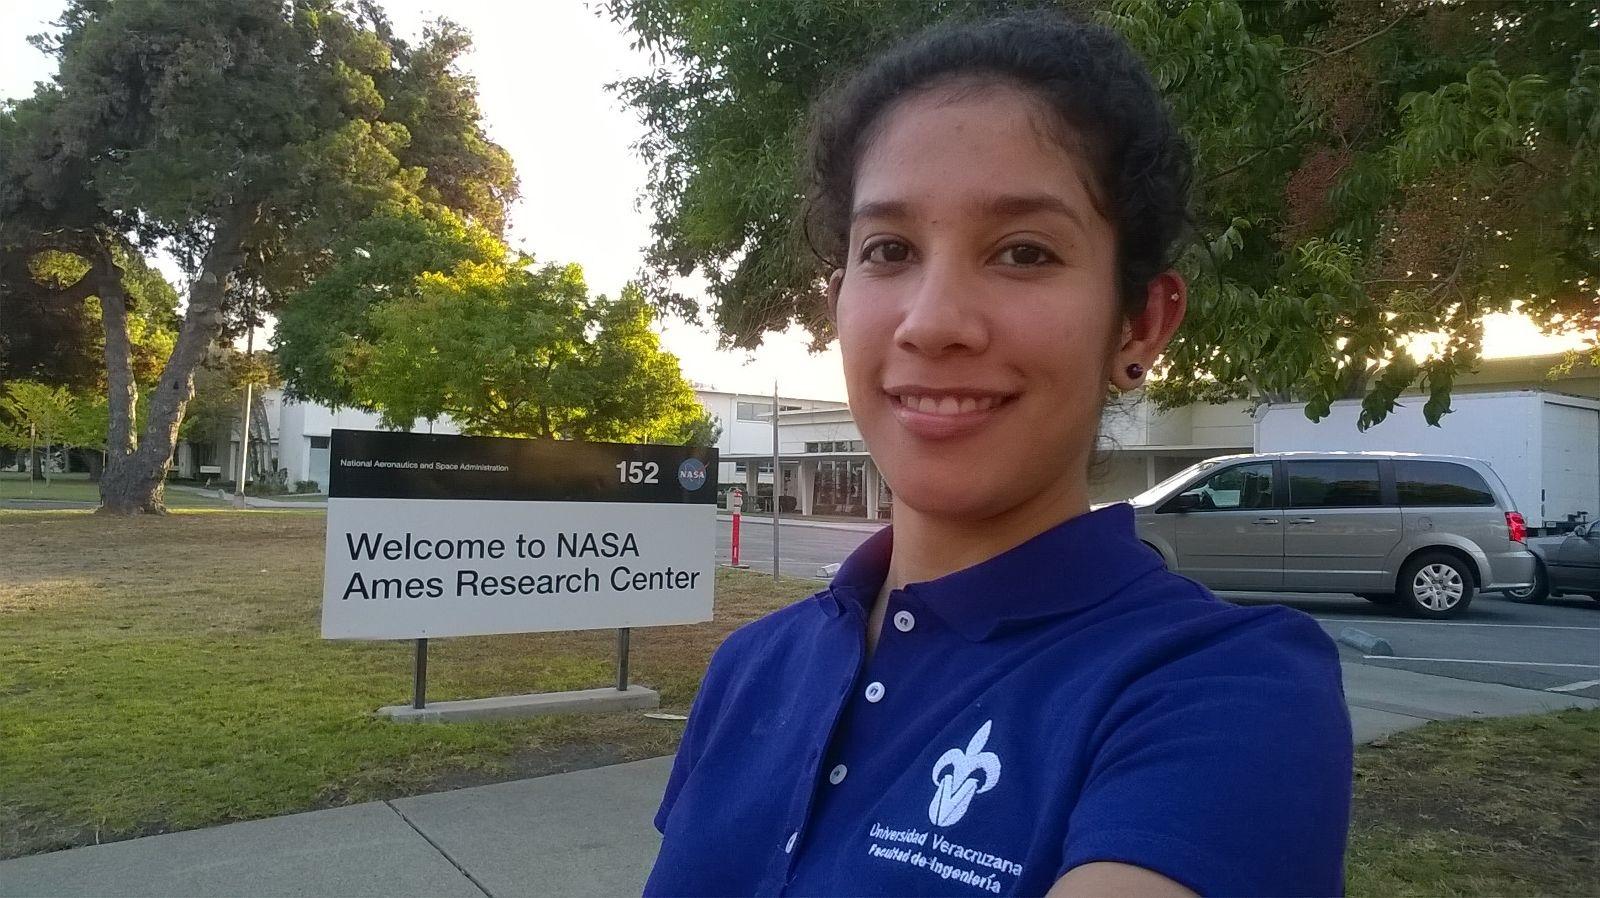 Primera universitaria mexicana desarrolla investigación científico espacial en la NASA